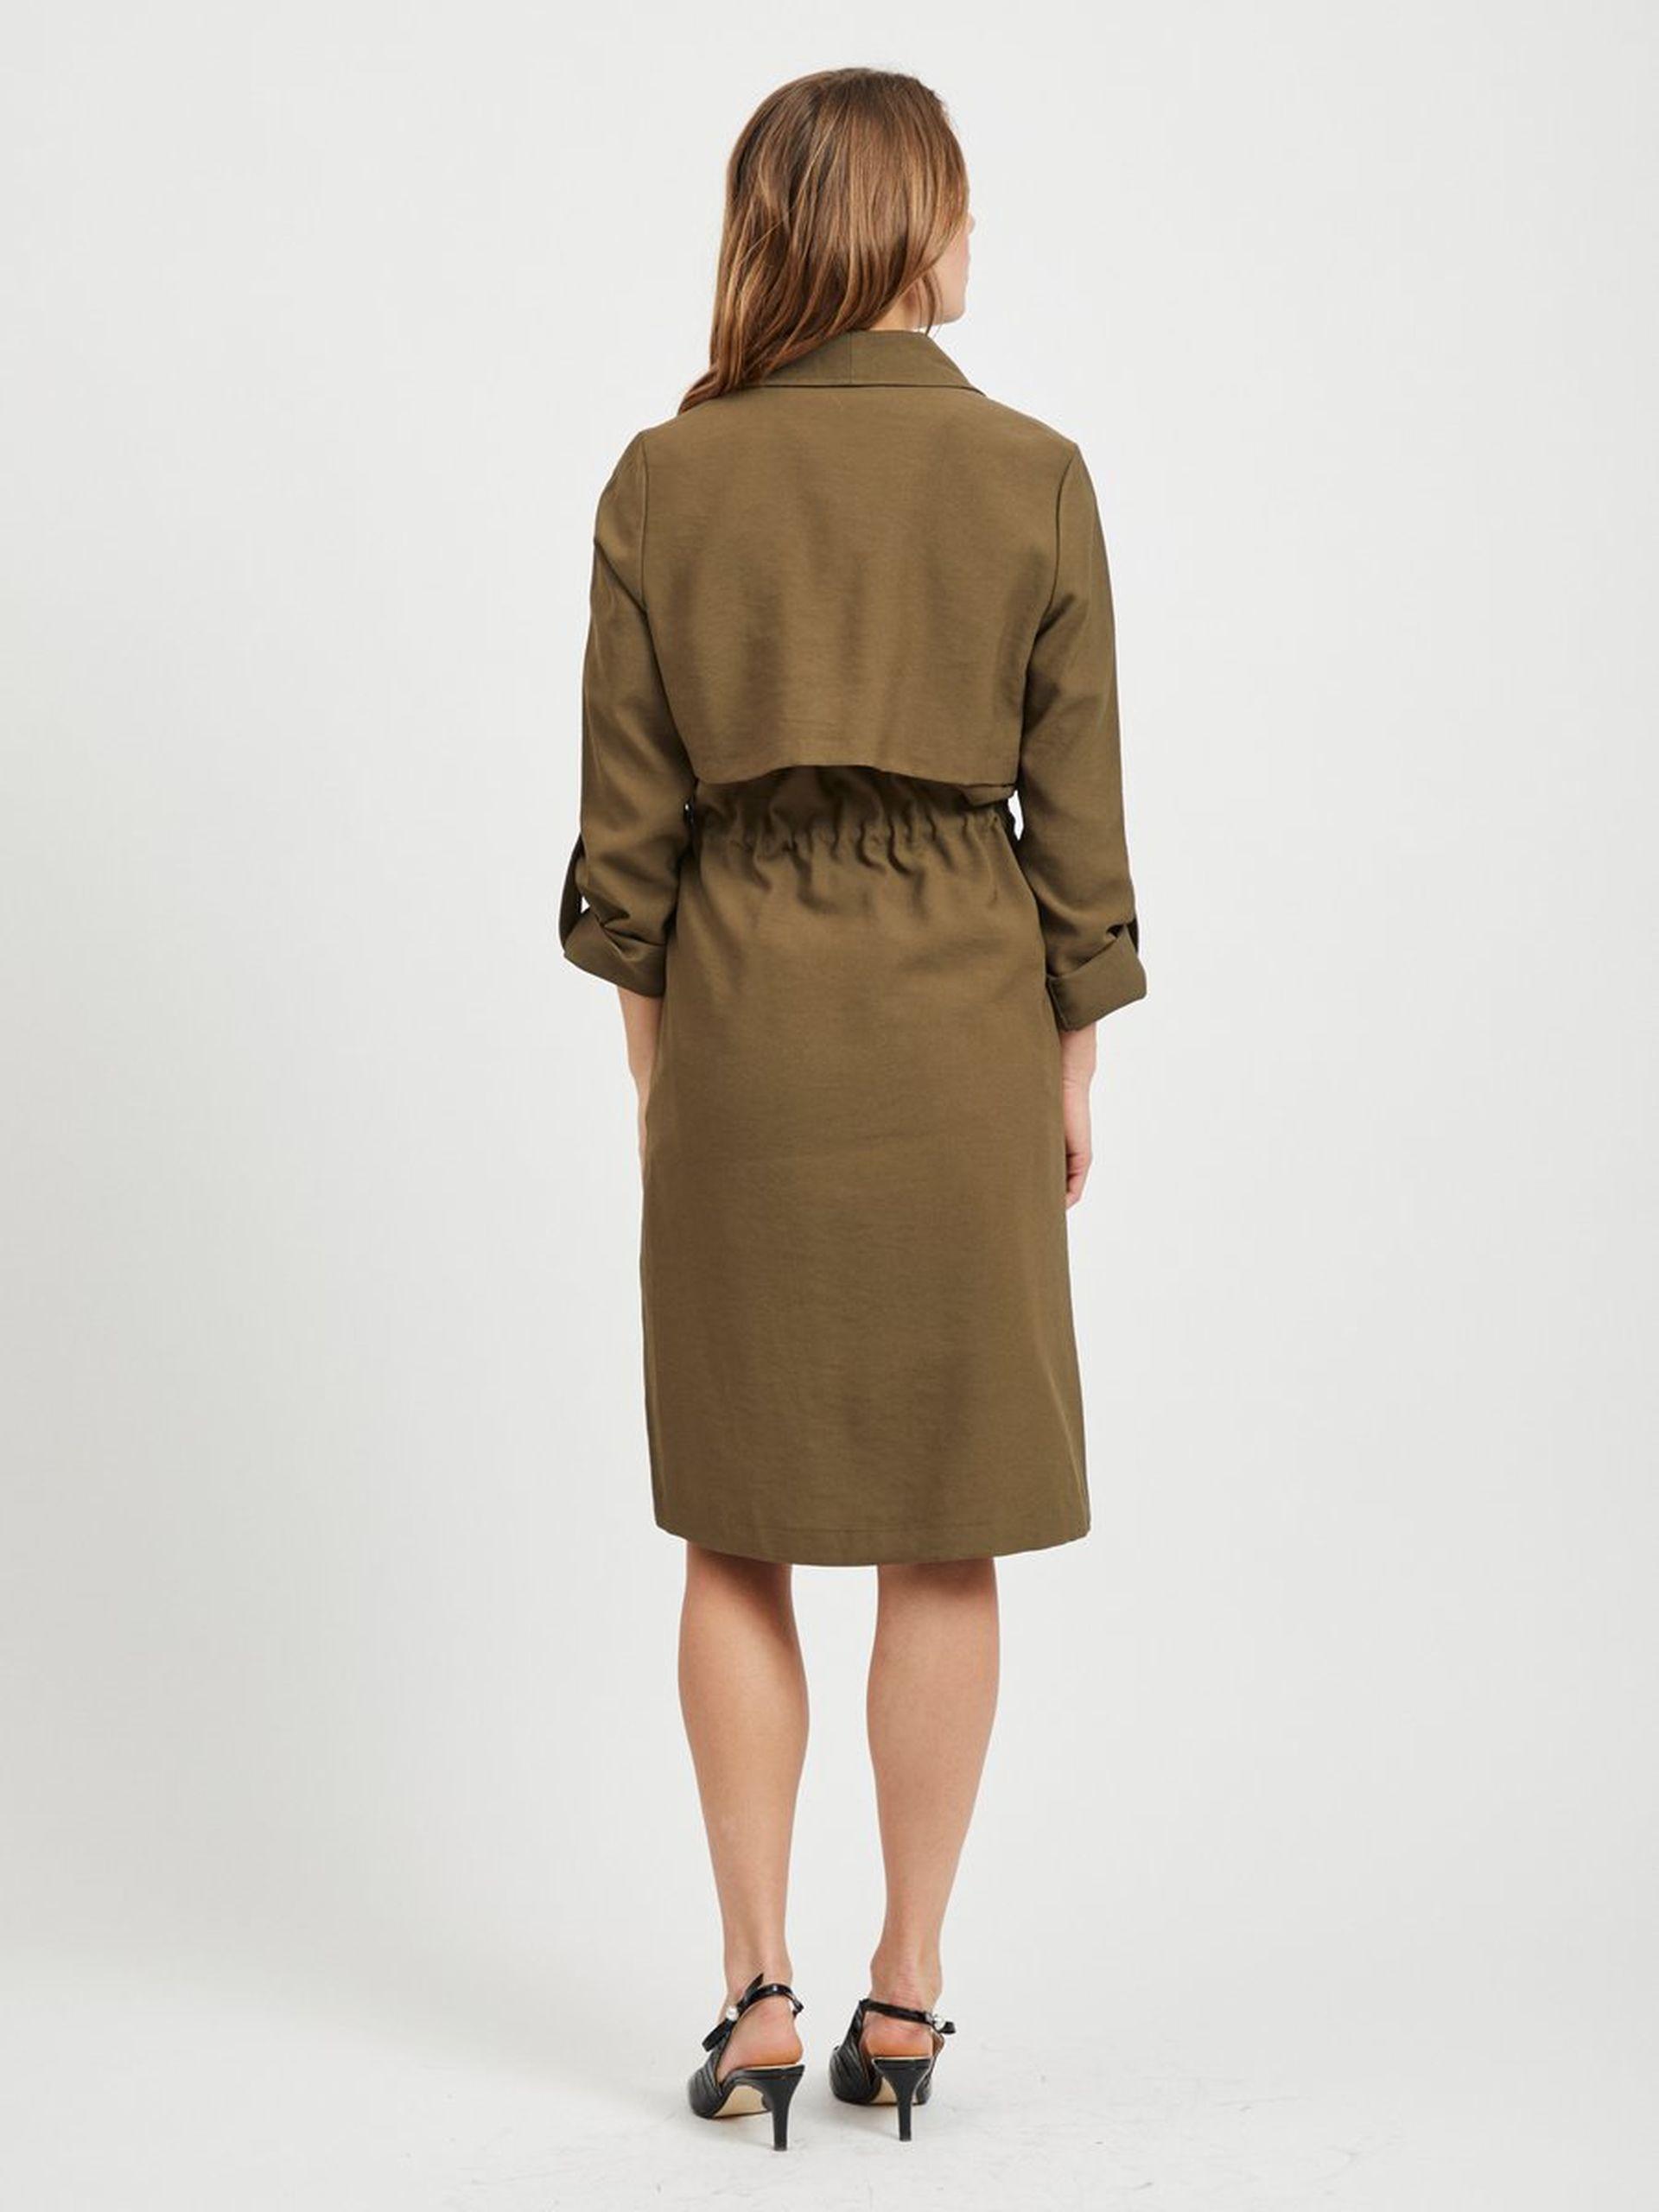 e63c110d Vila vårjakke grønn lang jakke. Kåpe jakke i olivengrønn farge ...